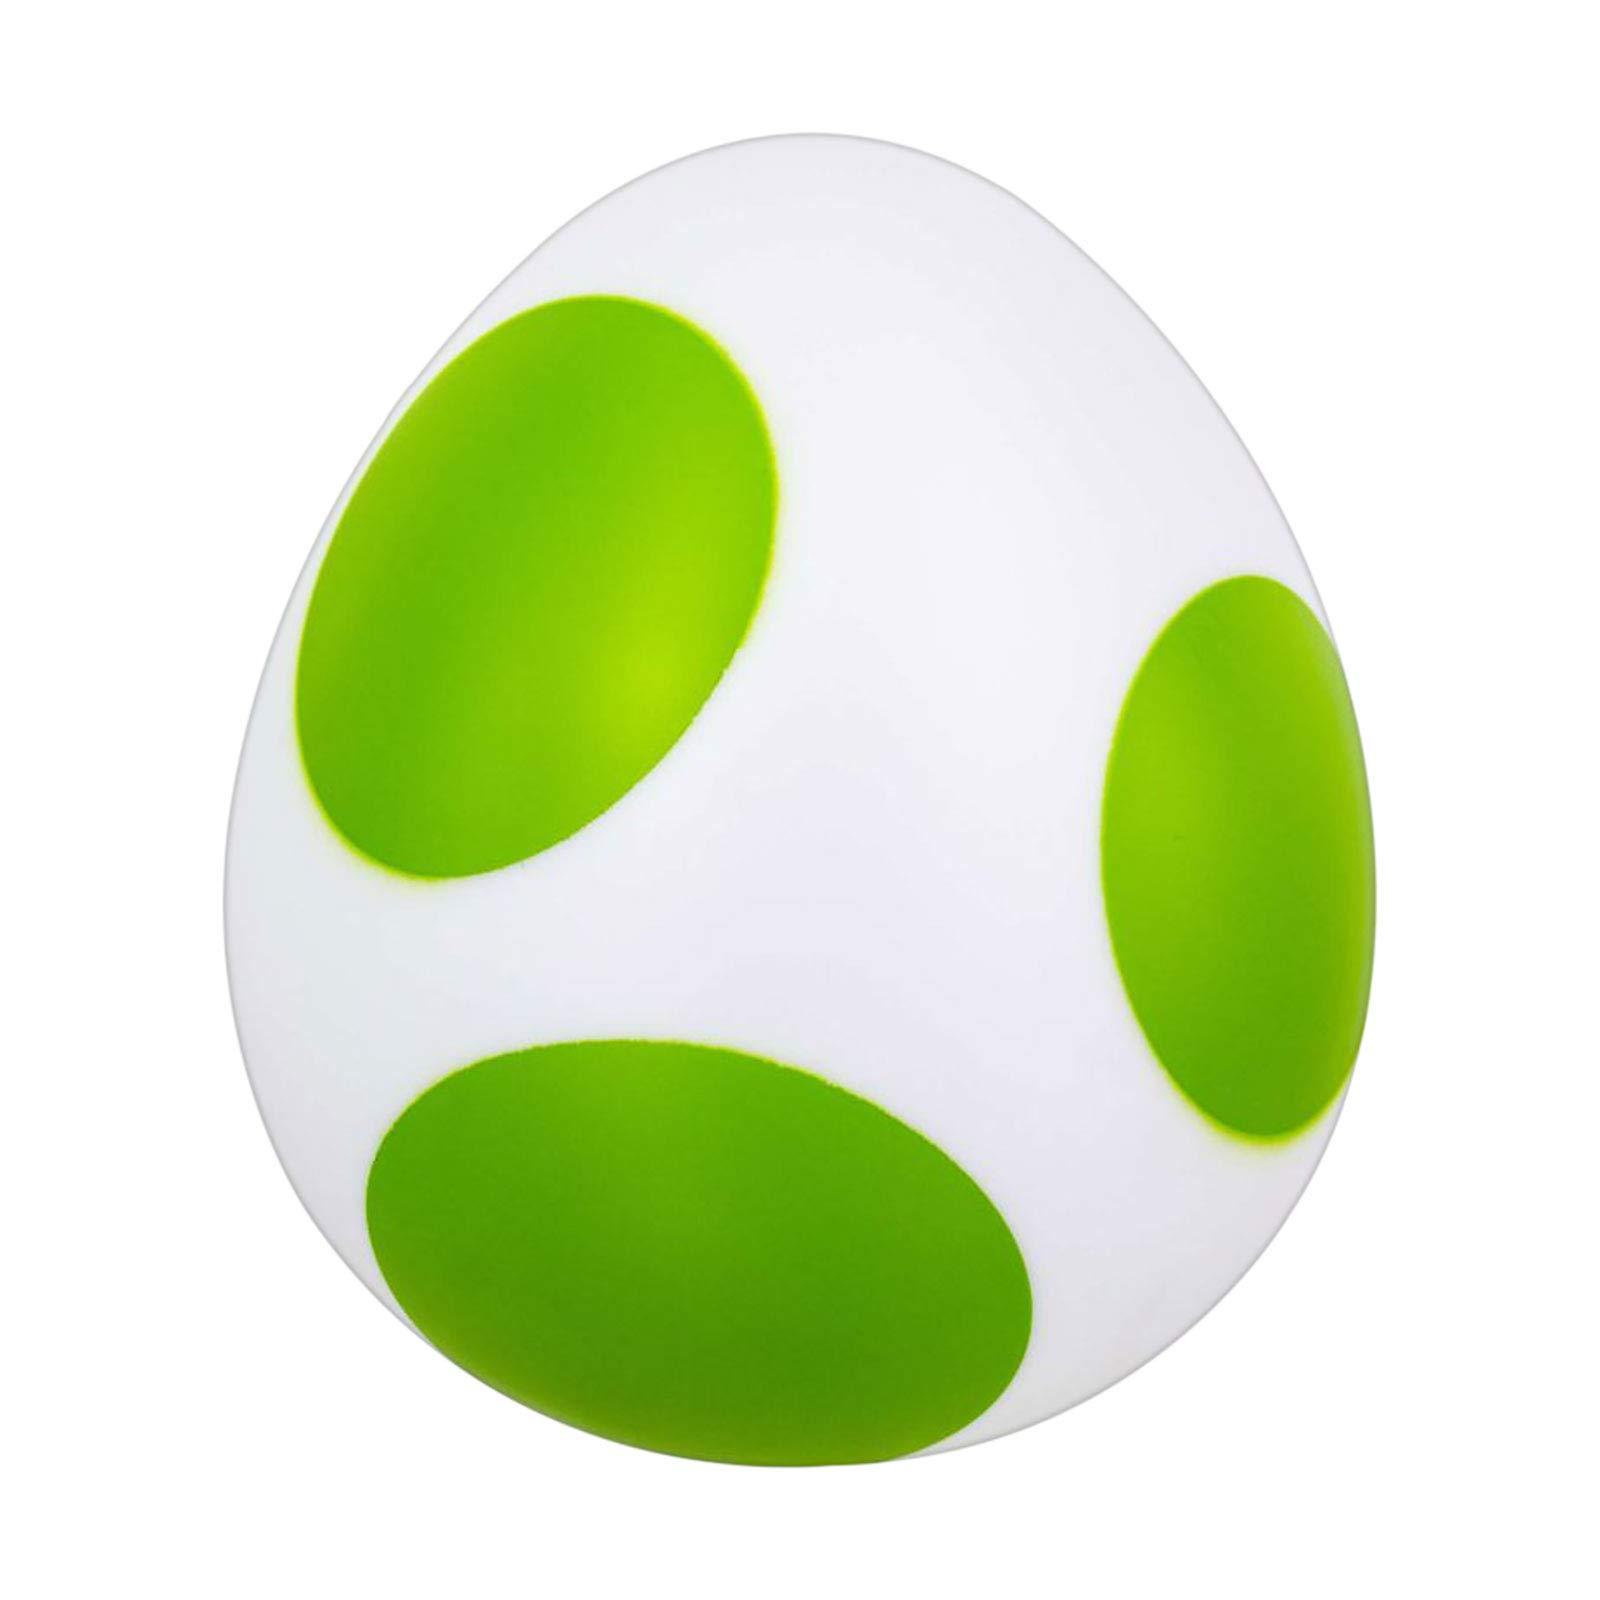 Paladone Yoshi Egg Light - Super Mario Bros Decor